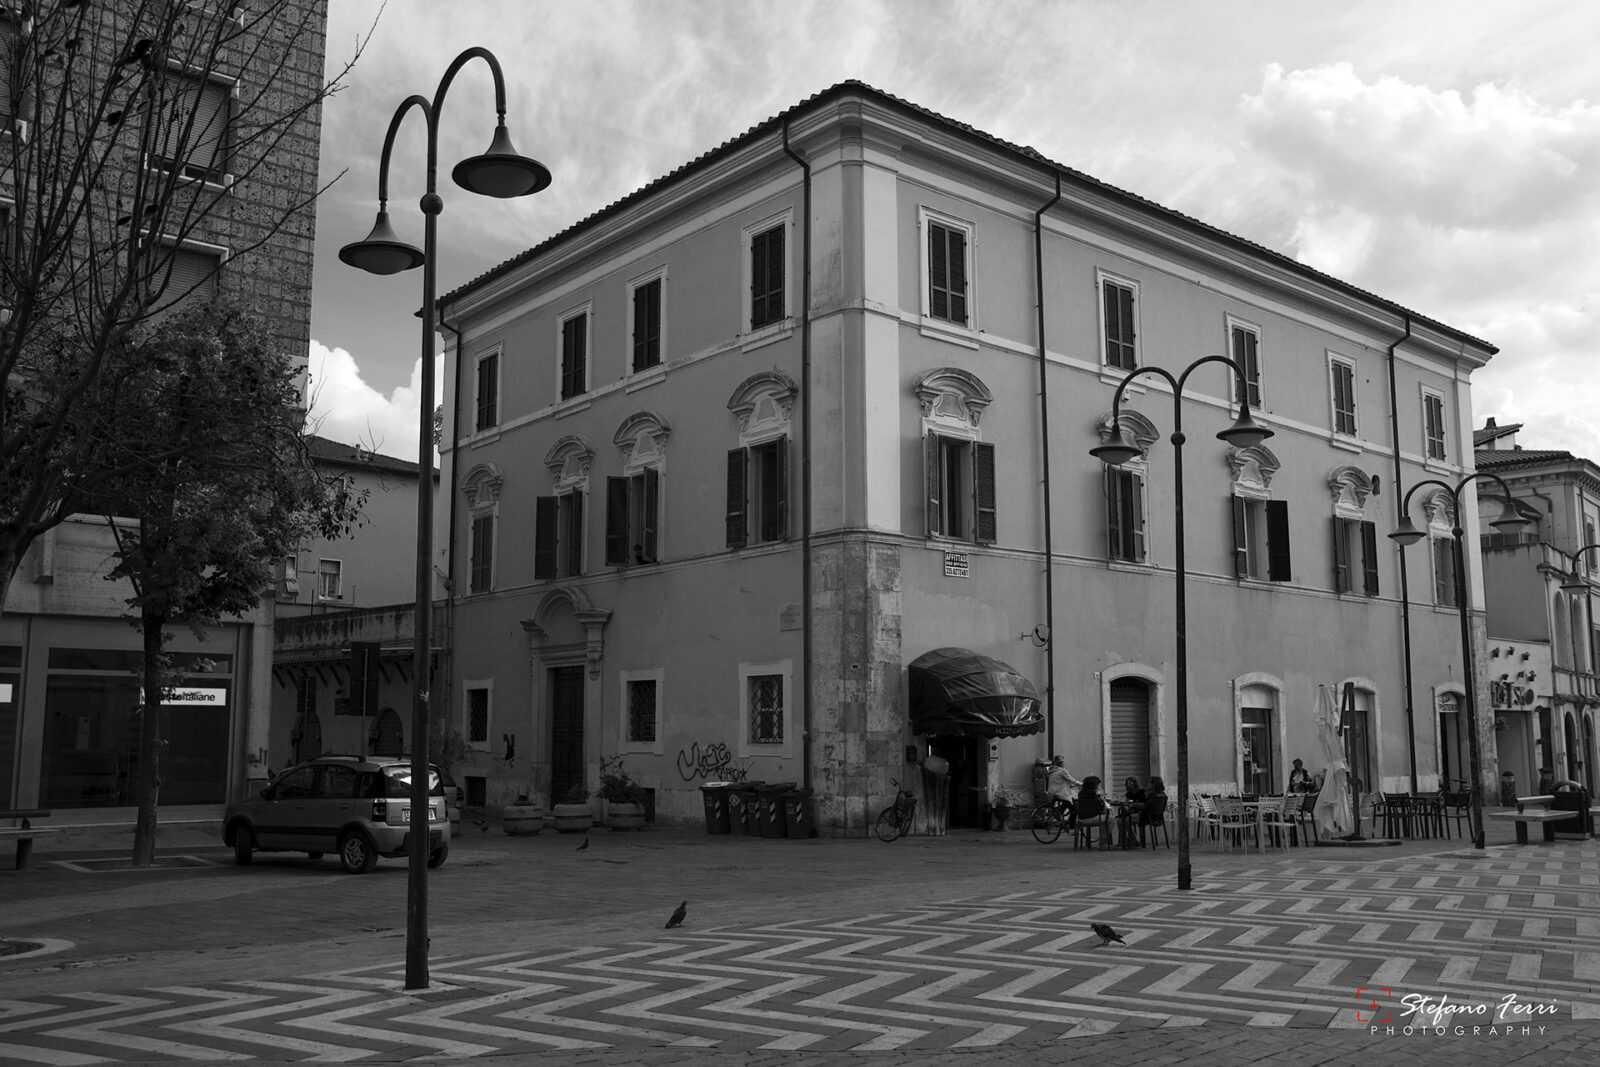 Terni, piazza Solferino, vista di palazzo con bar e ufficio postale